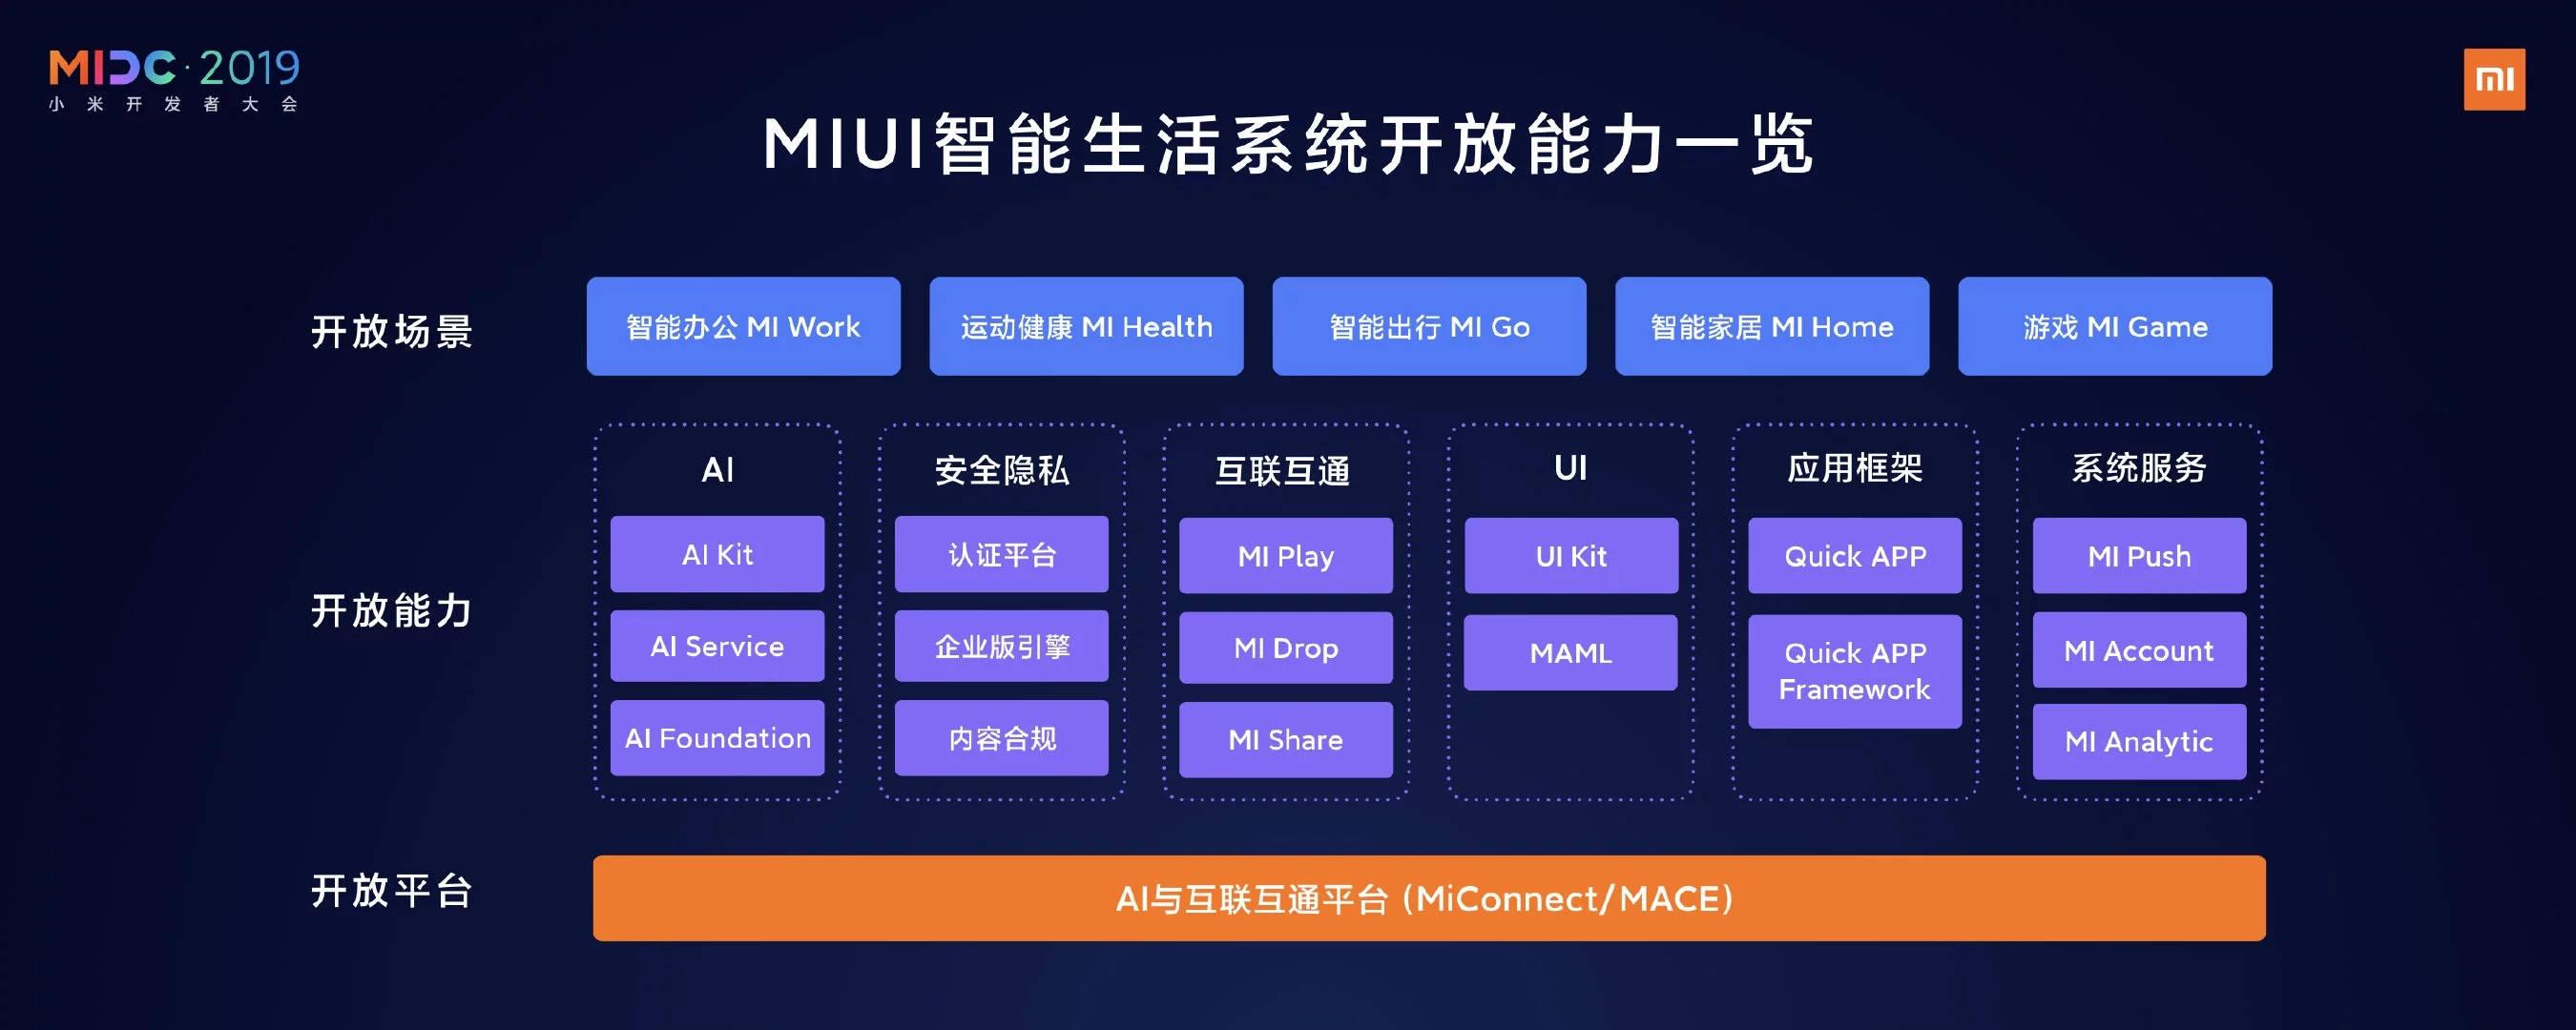 MIUI 12 kiedy premiera strategia Xiaomi wobec 5G